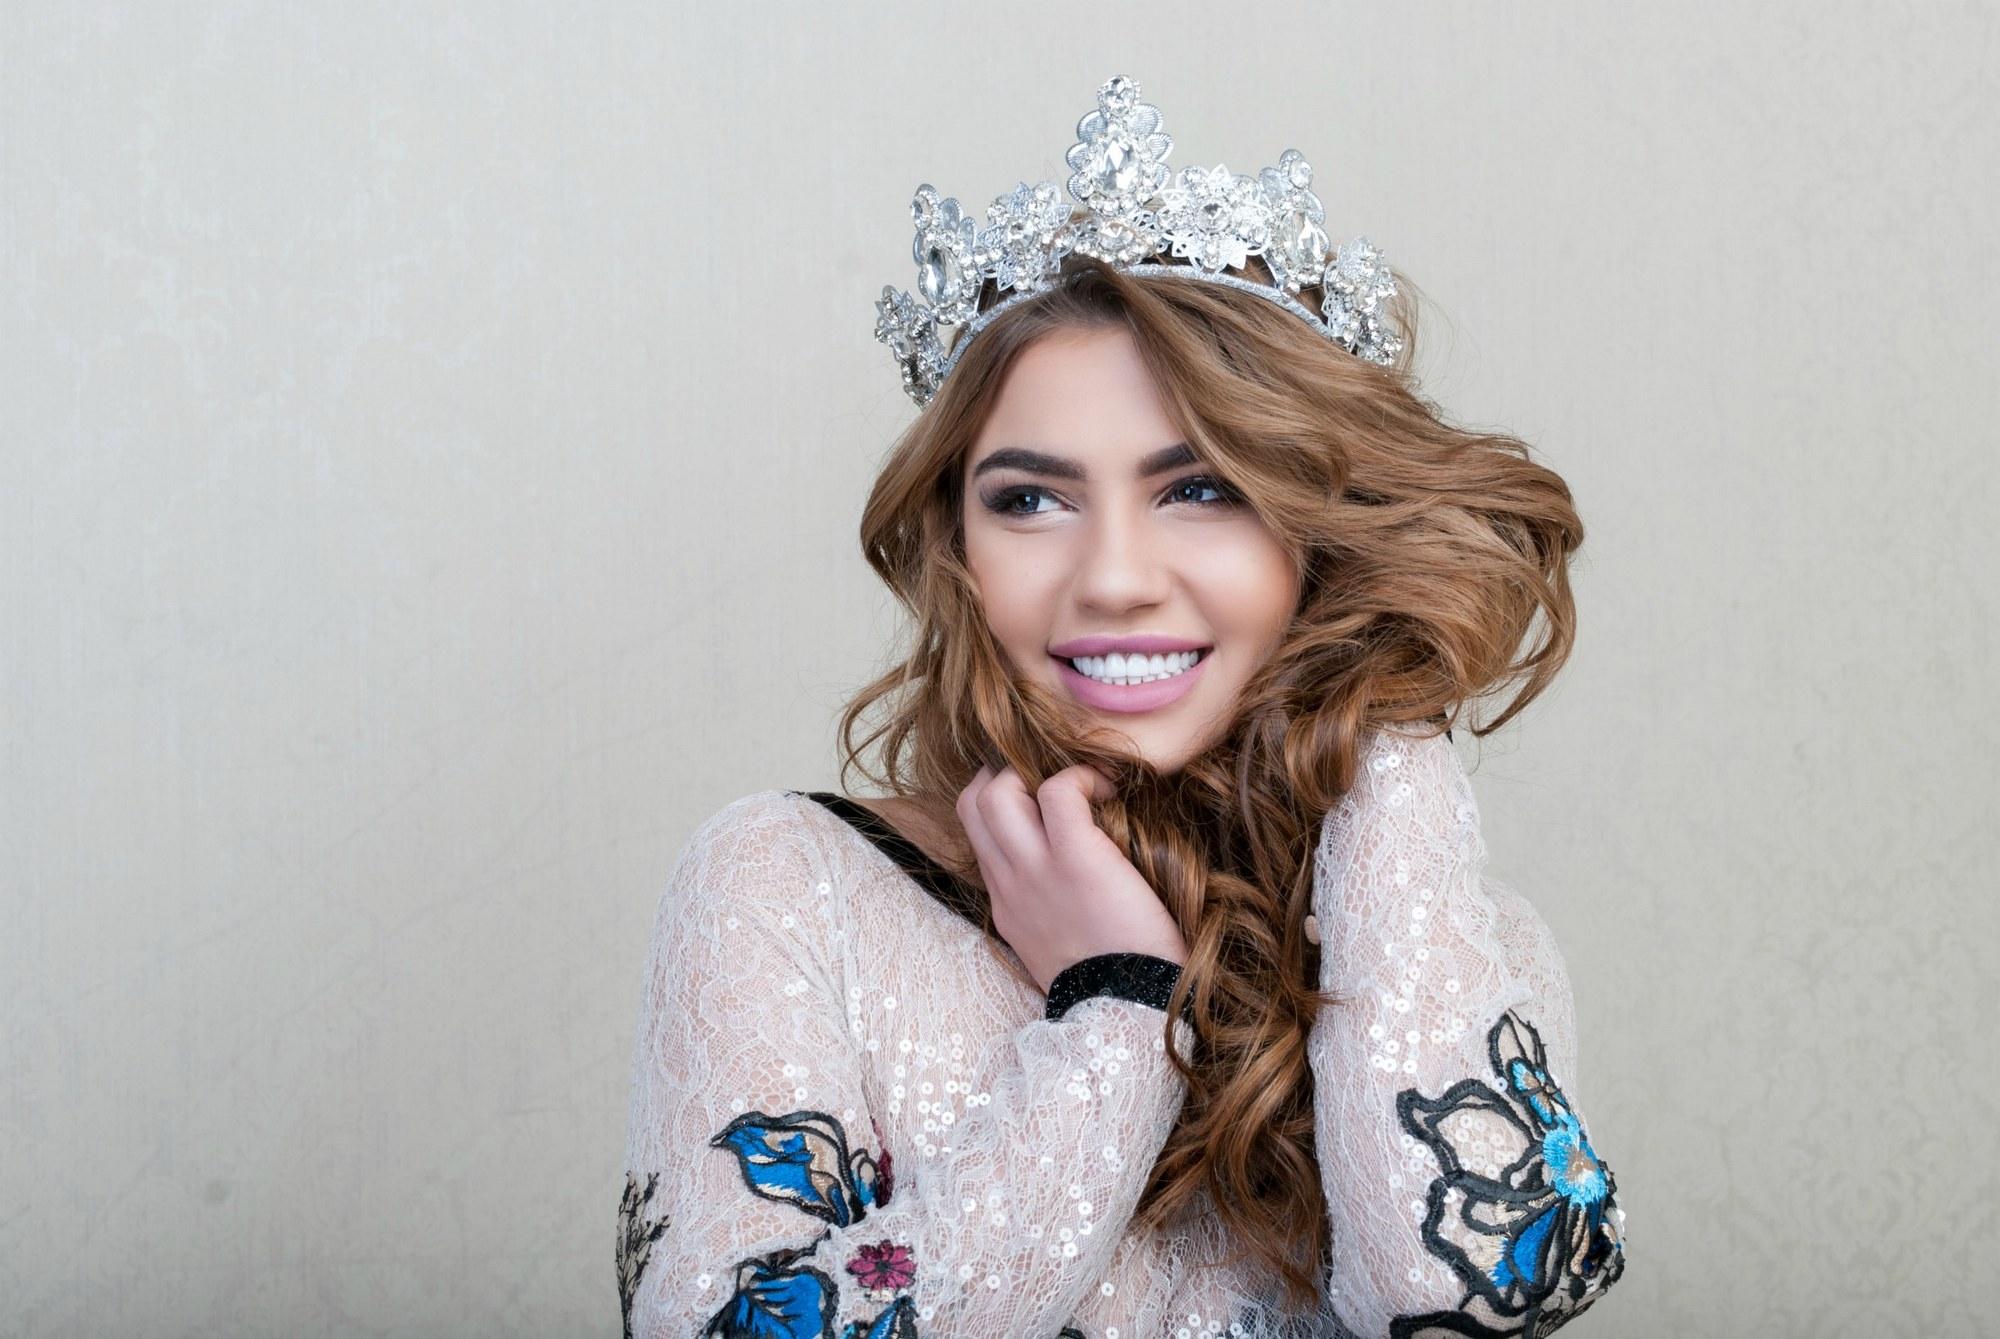 Фотосессия девушки - победительницы конкурса красоты